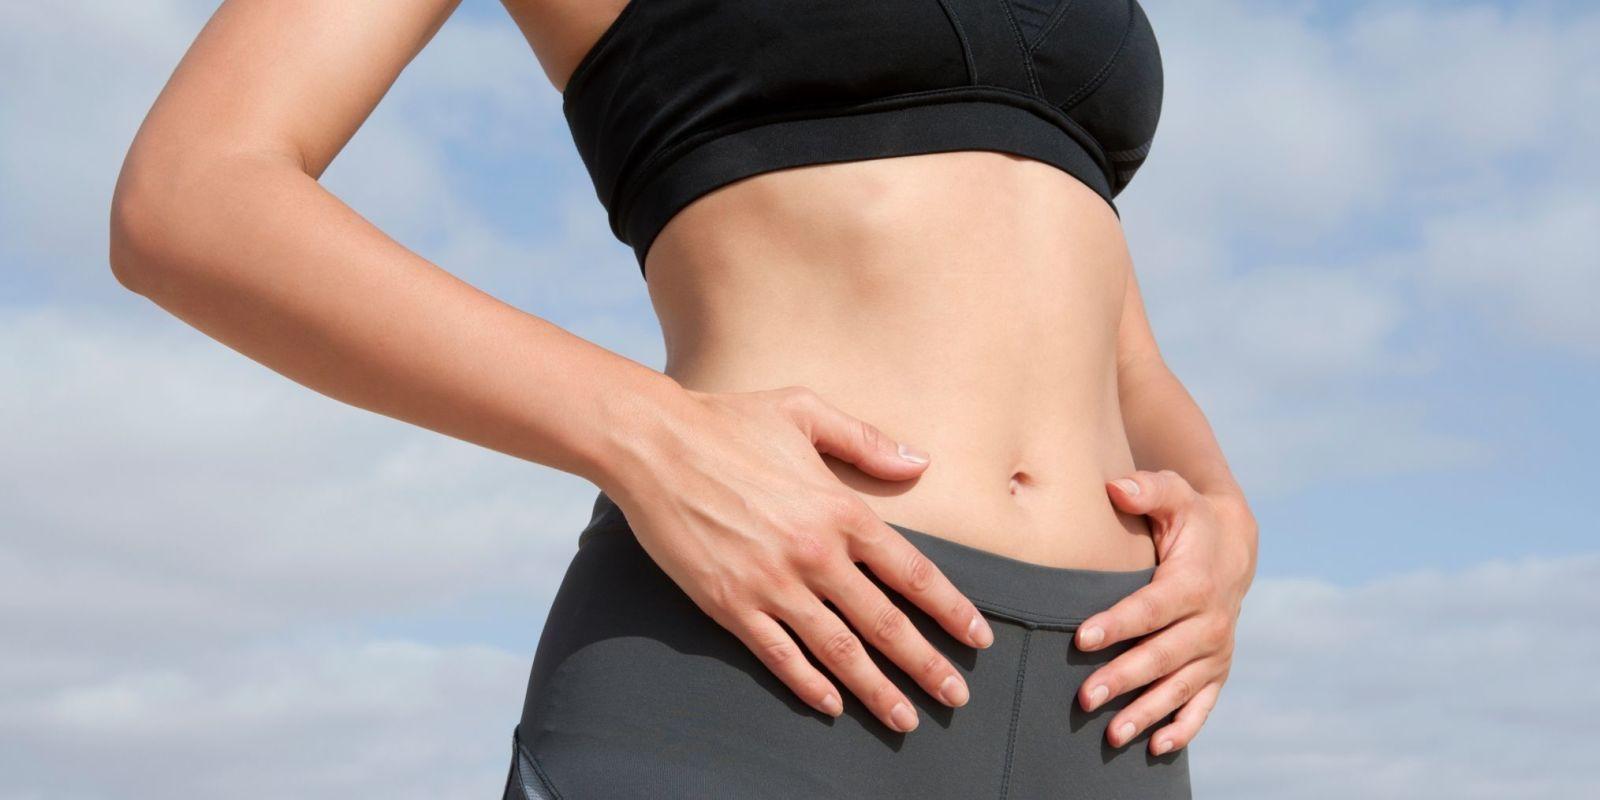 #fitnessjobs #situations #flattening #overnight #careless #workout #flatten #stomach #slimmer #flatt...